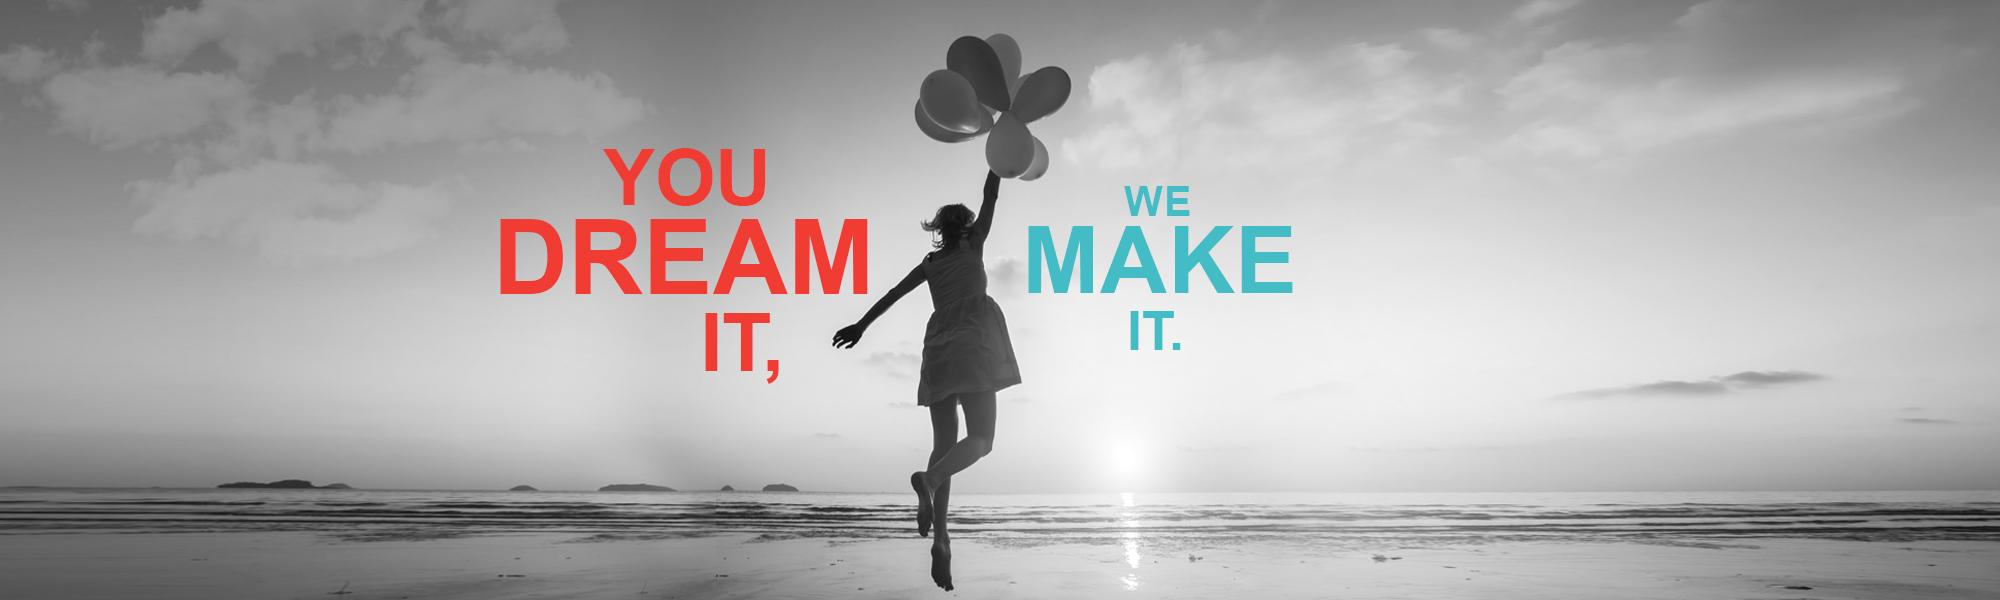 you-dream-we-make